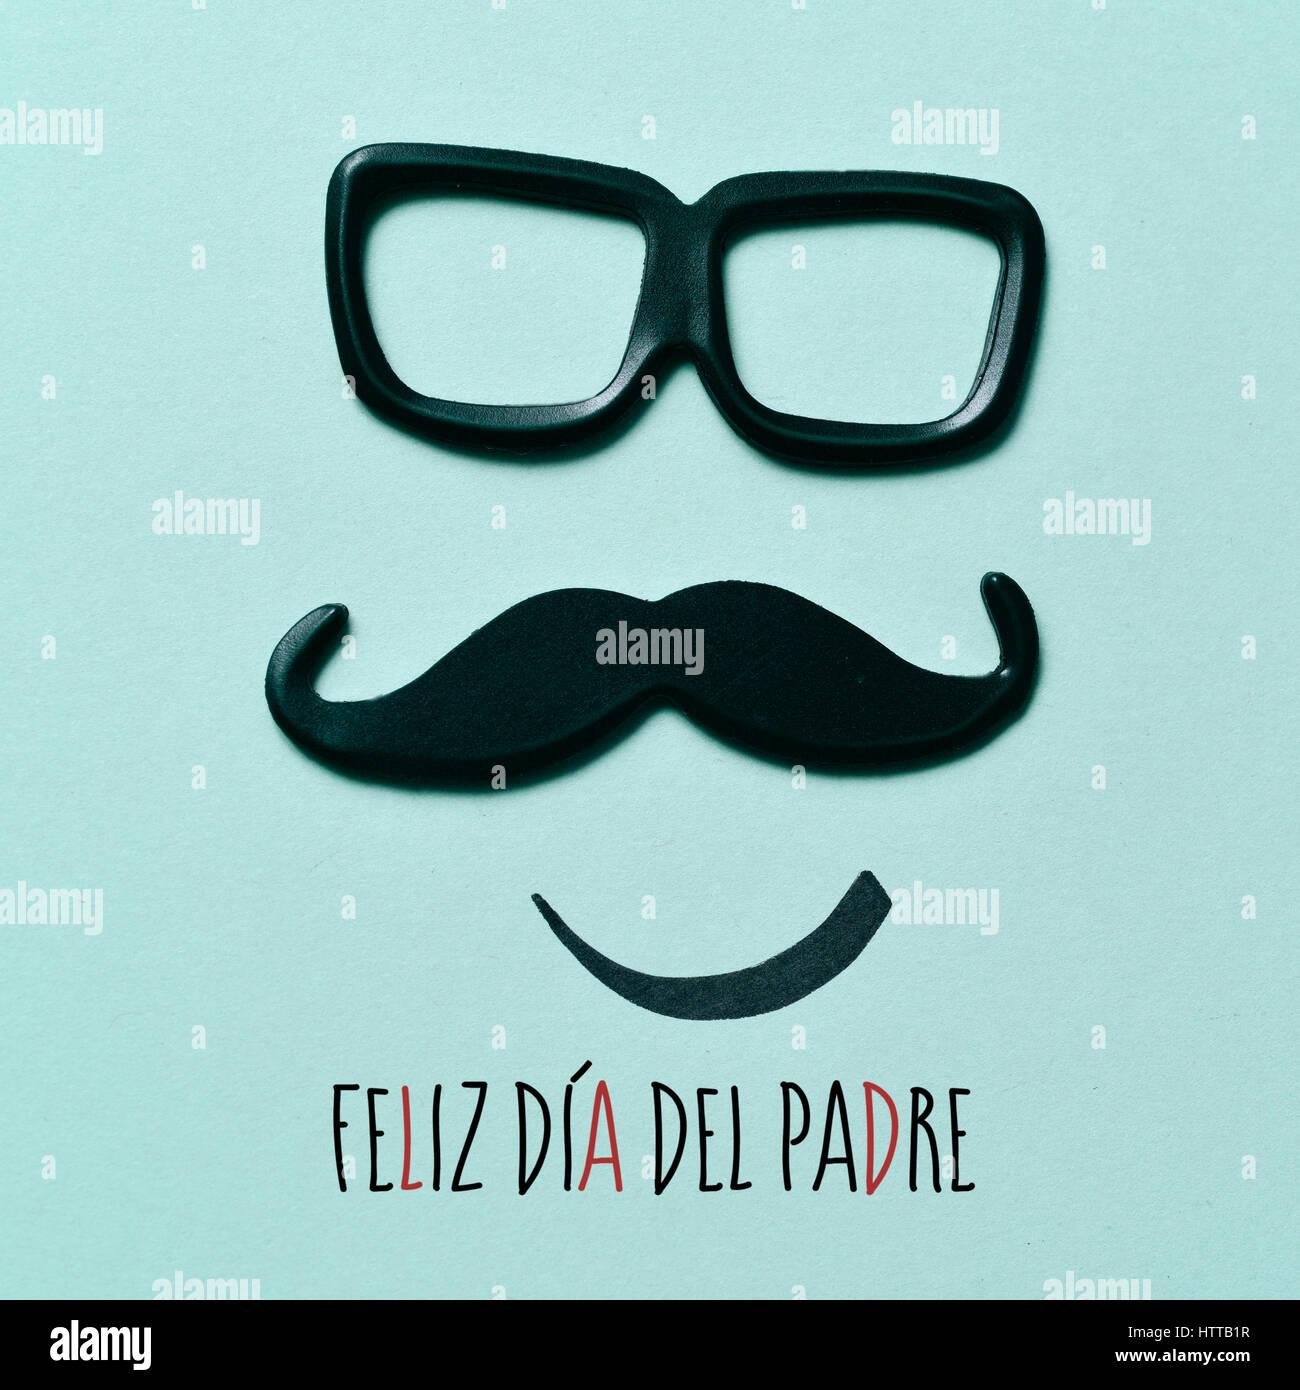 Il testo feliz dia del padre, padri felice giorno in spagnolo e un paio di occhiali e un baffi raffigurante un uomo Immagini Stock